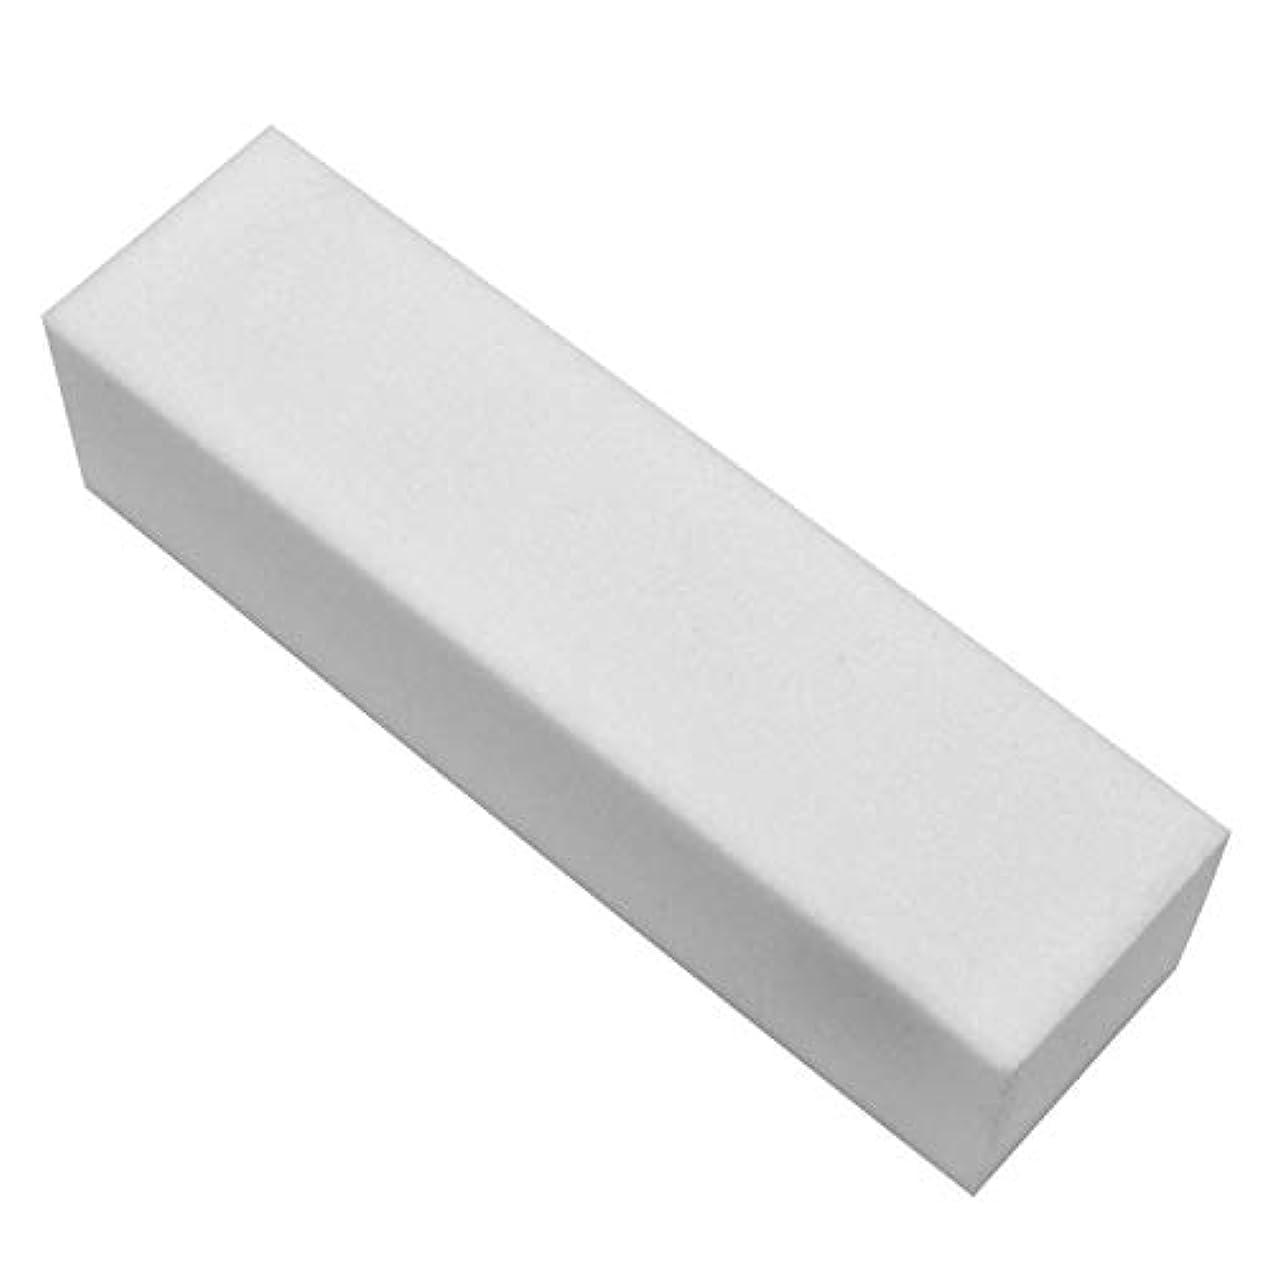 シャイニング考案するステージネルパラ ホワイトブロック (ファイル) 25x25x95mm